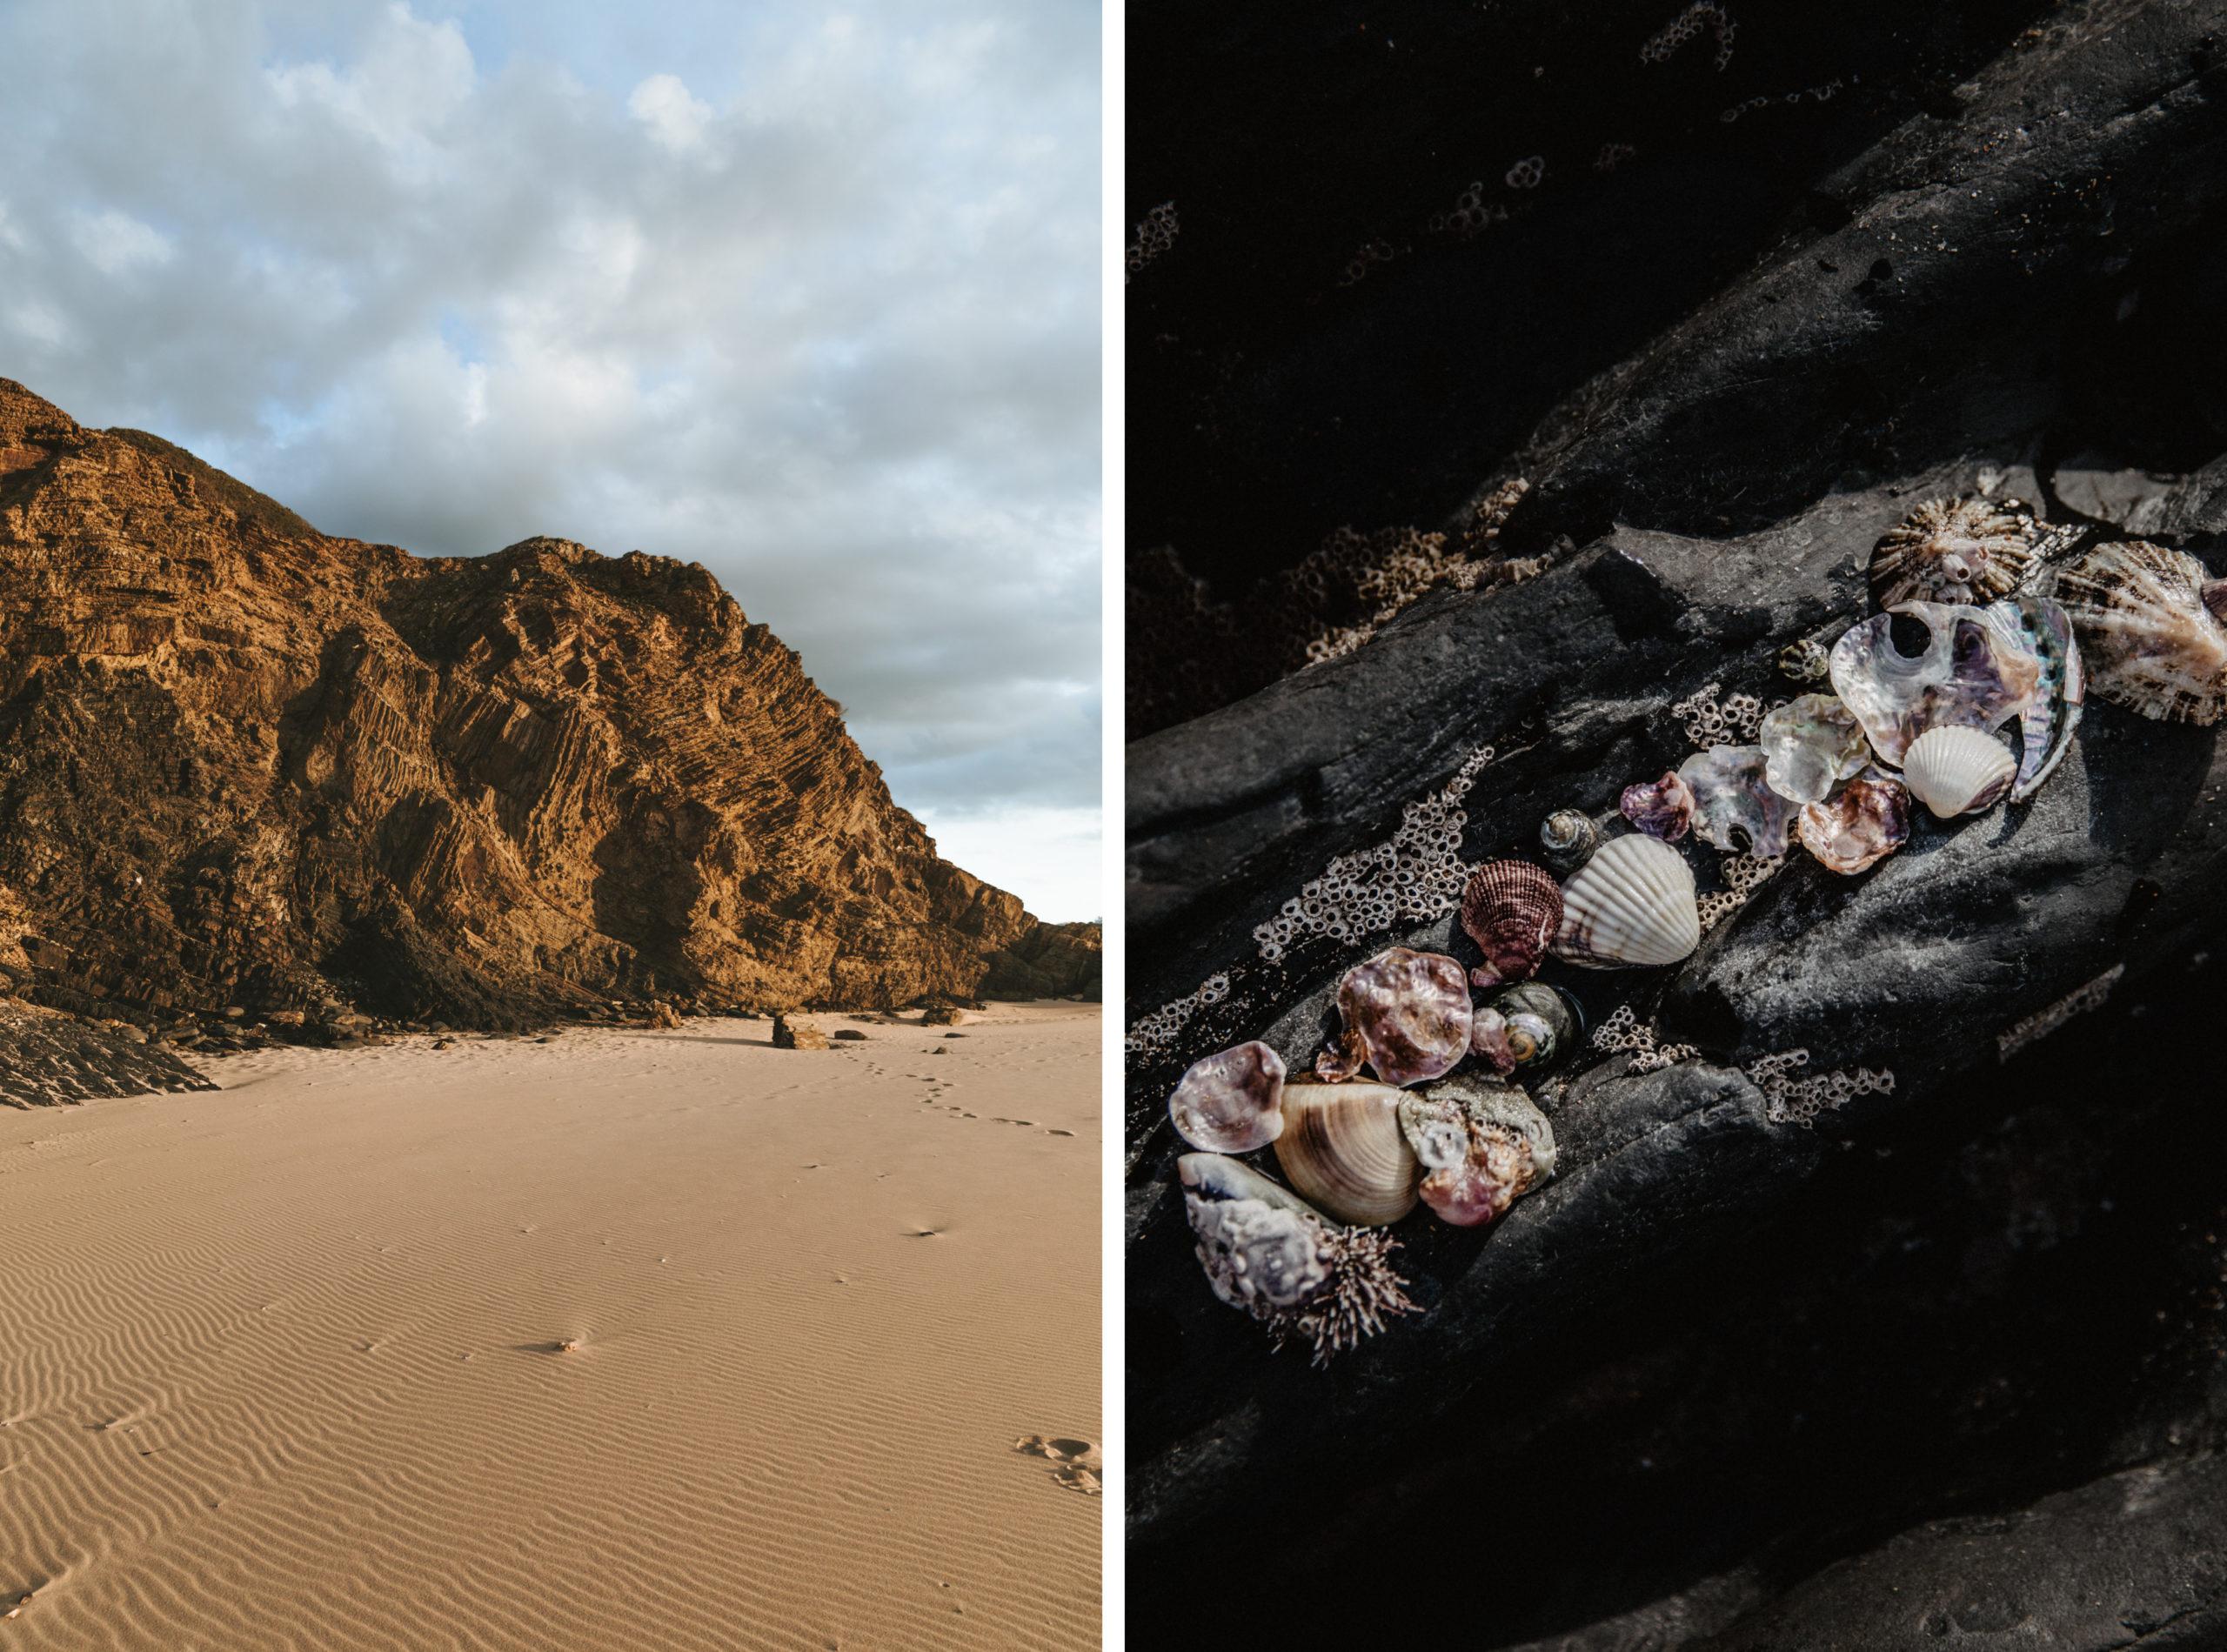 Der Praia da Amoreira Strand an der Westküste von Portugal